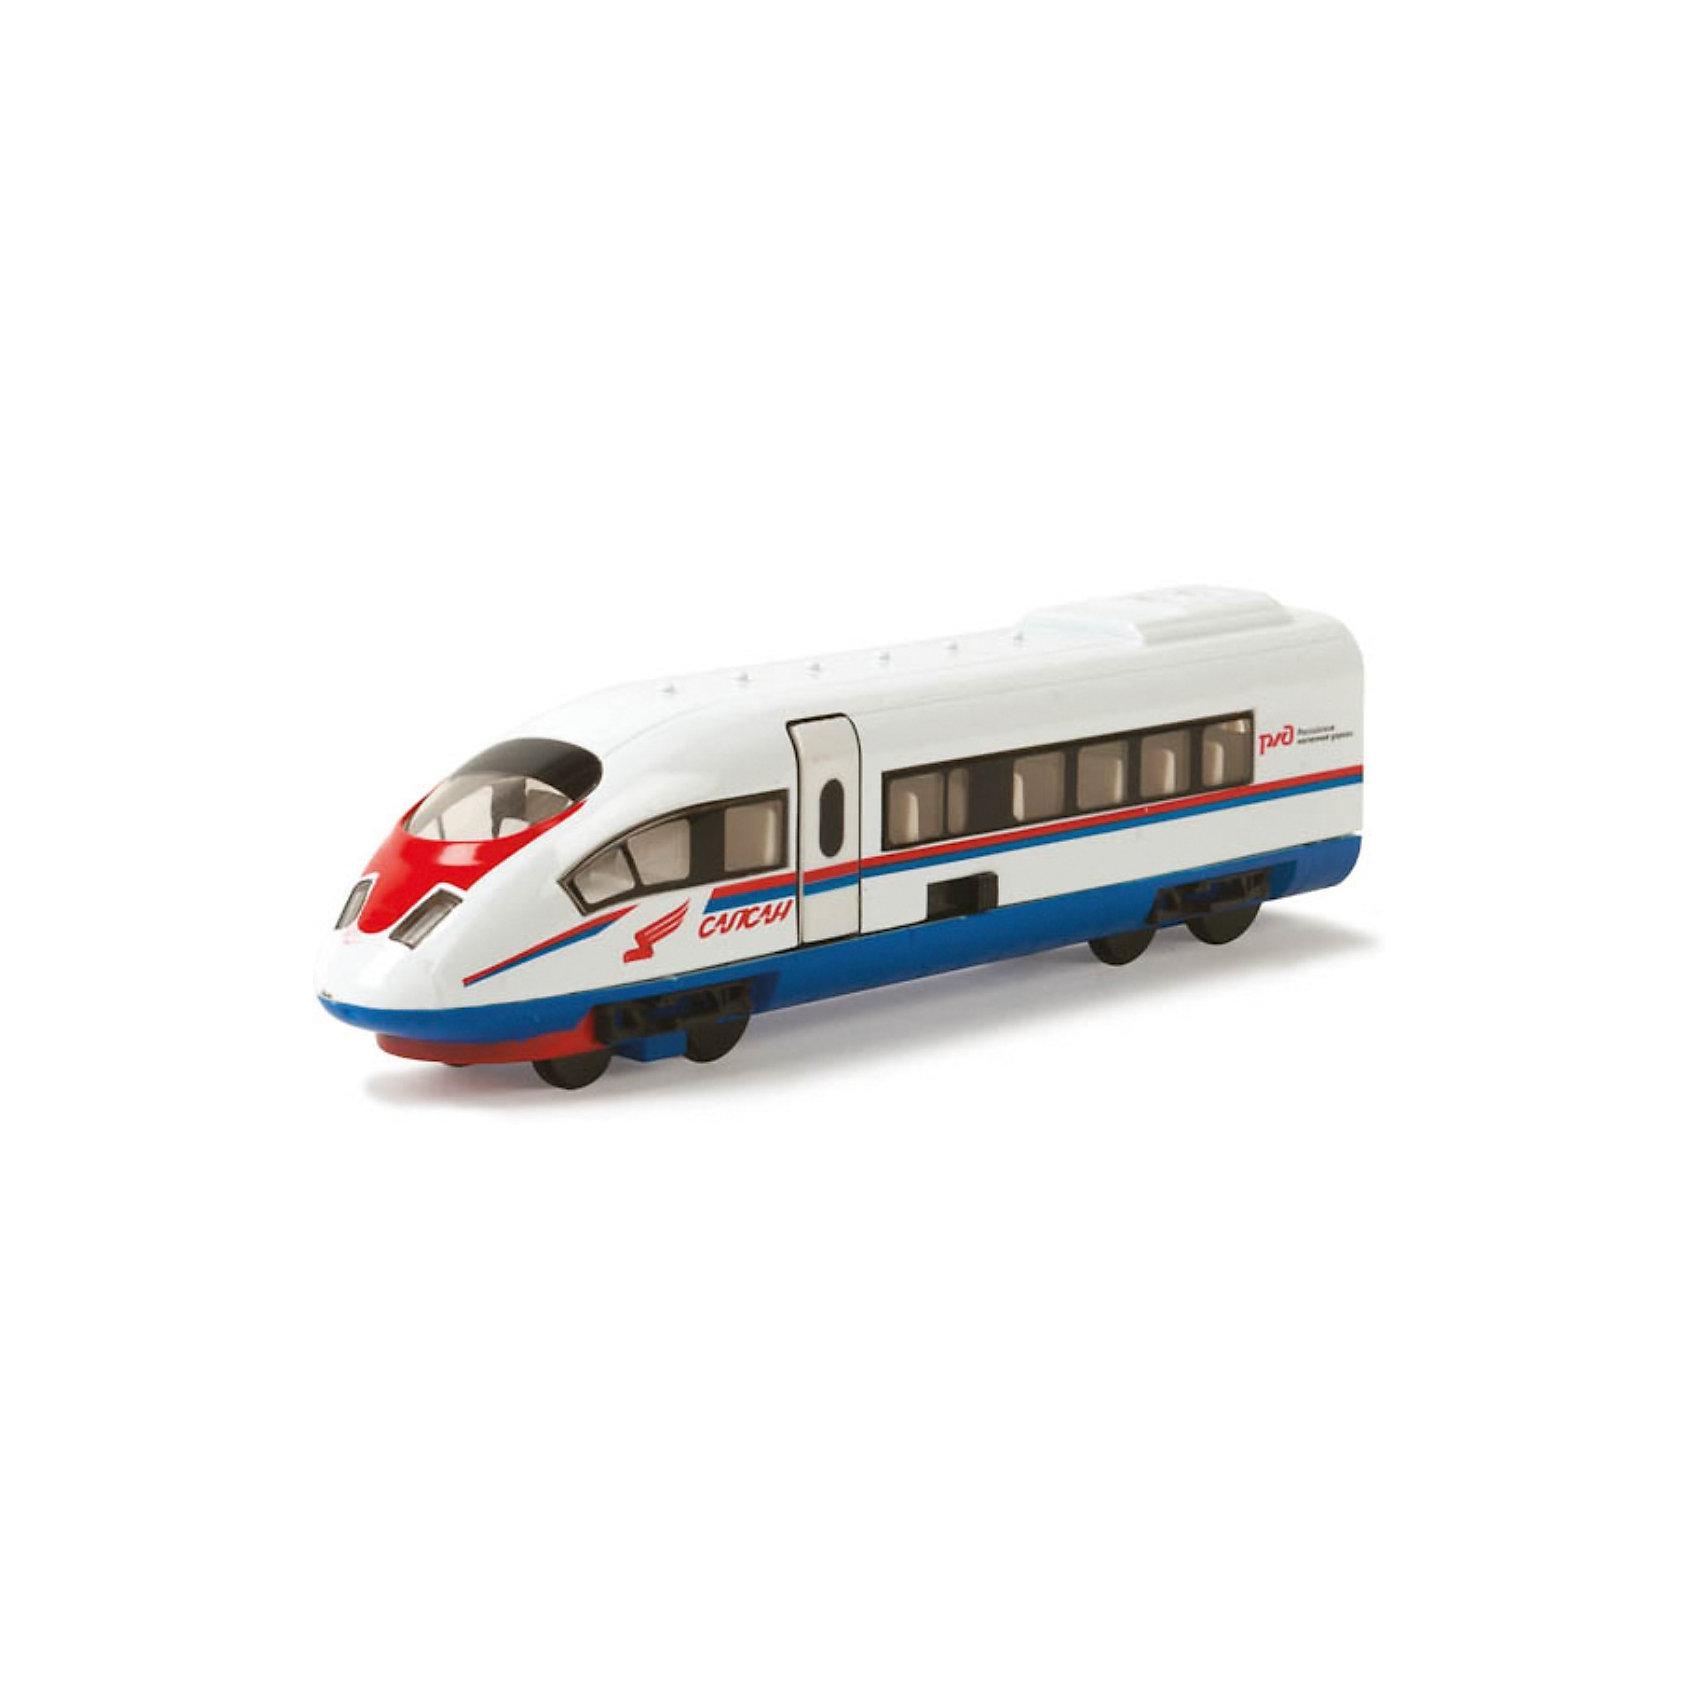 Поезд Сапсан РЖД, инерционный, со светом и звуком, ТЕХНОПАРКИгрушечная железная дорога<br>Поезд Сапсан РЖД, инерционный, со светом и звуком, ТЕХНОПАРК – эта коллекционная игрушка, миниатюрная копия настоящего поезда.<br>Коллекционная модель поезда Сапсан из серии Технопарк обладает высокой реалистичностью за счет большого числа двигающихся элементов (открываются двери), звуковых и световых эффектов. Модель сделана из металла и оснащена инерционным механизмом: стоит откатить ее назад, слегка нажав на крышу, и отпустить, и поезд с большой скоростью поедет вперед. Все достоинства игрушки обязательно оценит мальчик, увлекающийся современными транспортными средствами. <br><br>Дополнительная информация:<br><br>- Материал: металл, пластик<br>- Размер упаковки: 24 х 12.5 х 5 см.<br>- Размер игрушки: 18 х 4 см.<br>- Требуются батарейки: 3 х LR41 (в комплект не входят)<br><br>Поезд Сапсан РЖД, инерционный, со светом и звуком, ТЕХНОПАРК можно купить в нашем интернет-магазине.<br><br>Ширина мм: 240<br>Глубина мм: 60<br>Высота мм: 130<br>Вес г: 270<br>Возраст от месяцев: 36<br>Возраст до месяцев: 120<br>Пол: Мужской<br>Возраст: Детский<br>SKU: 3789469